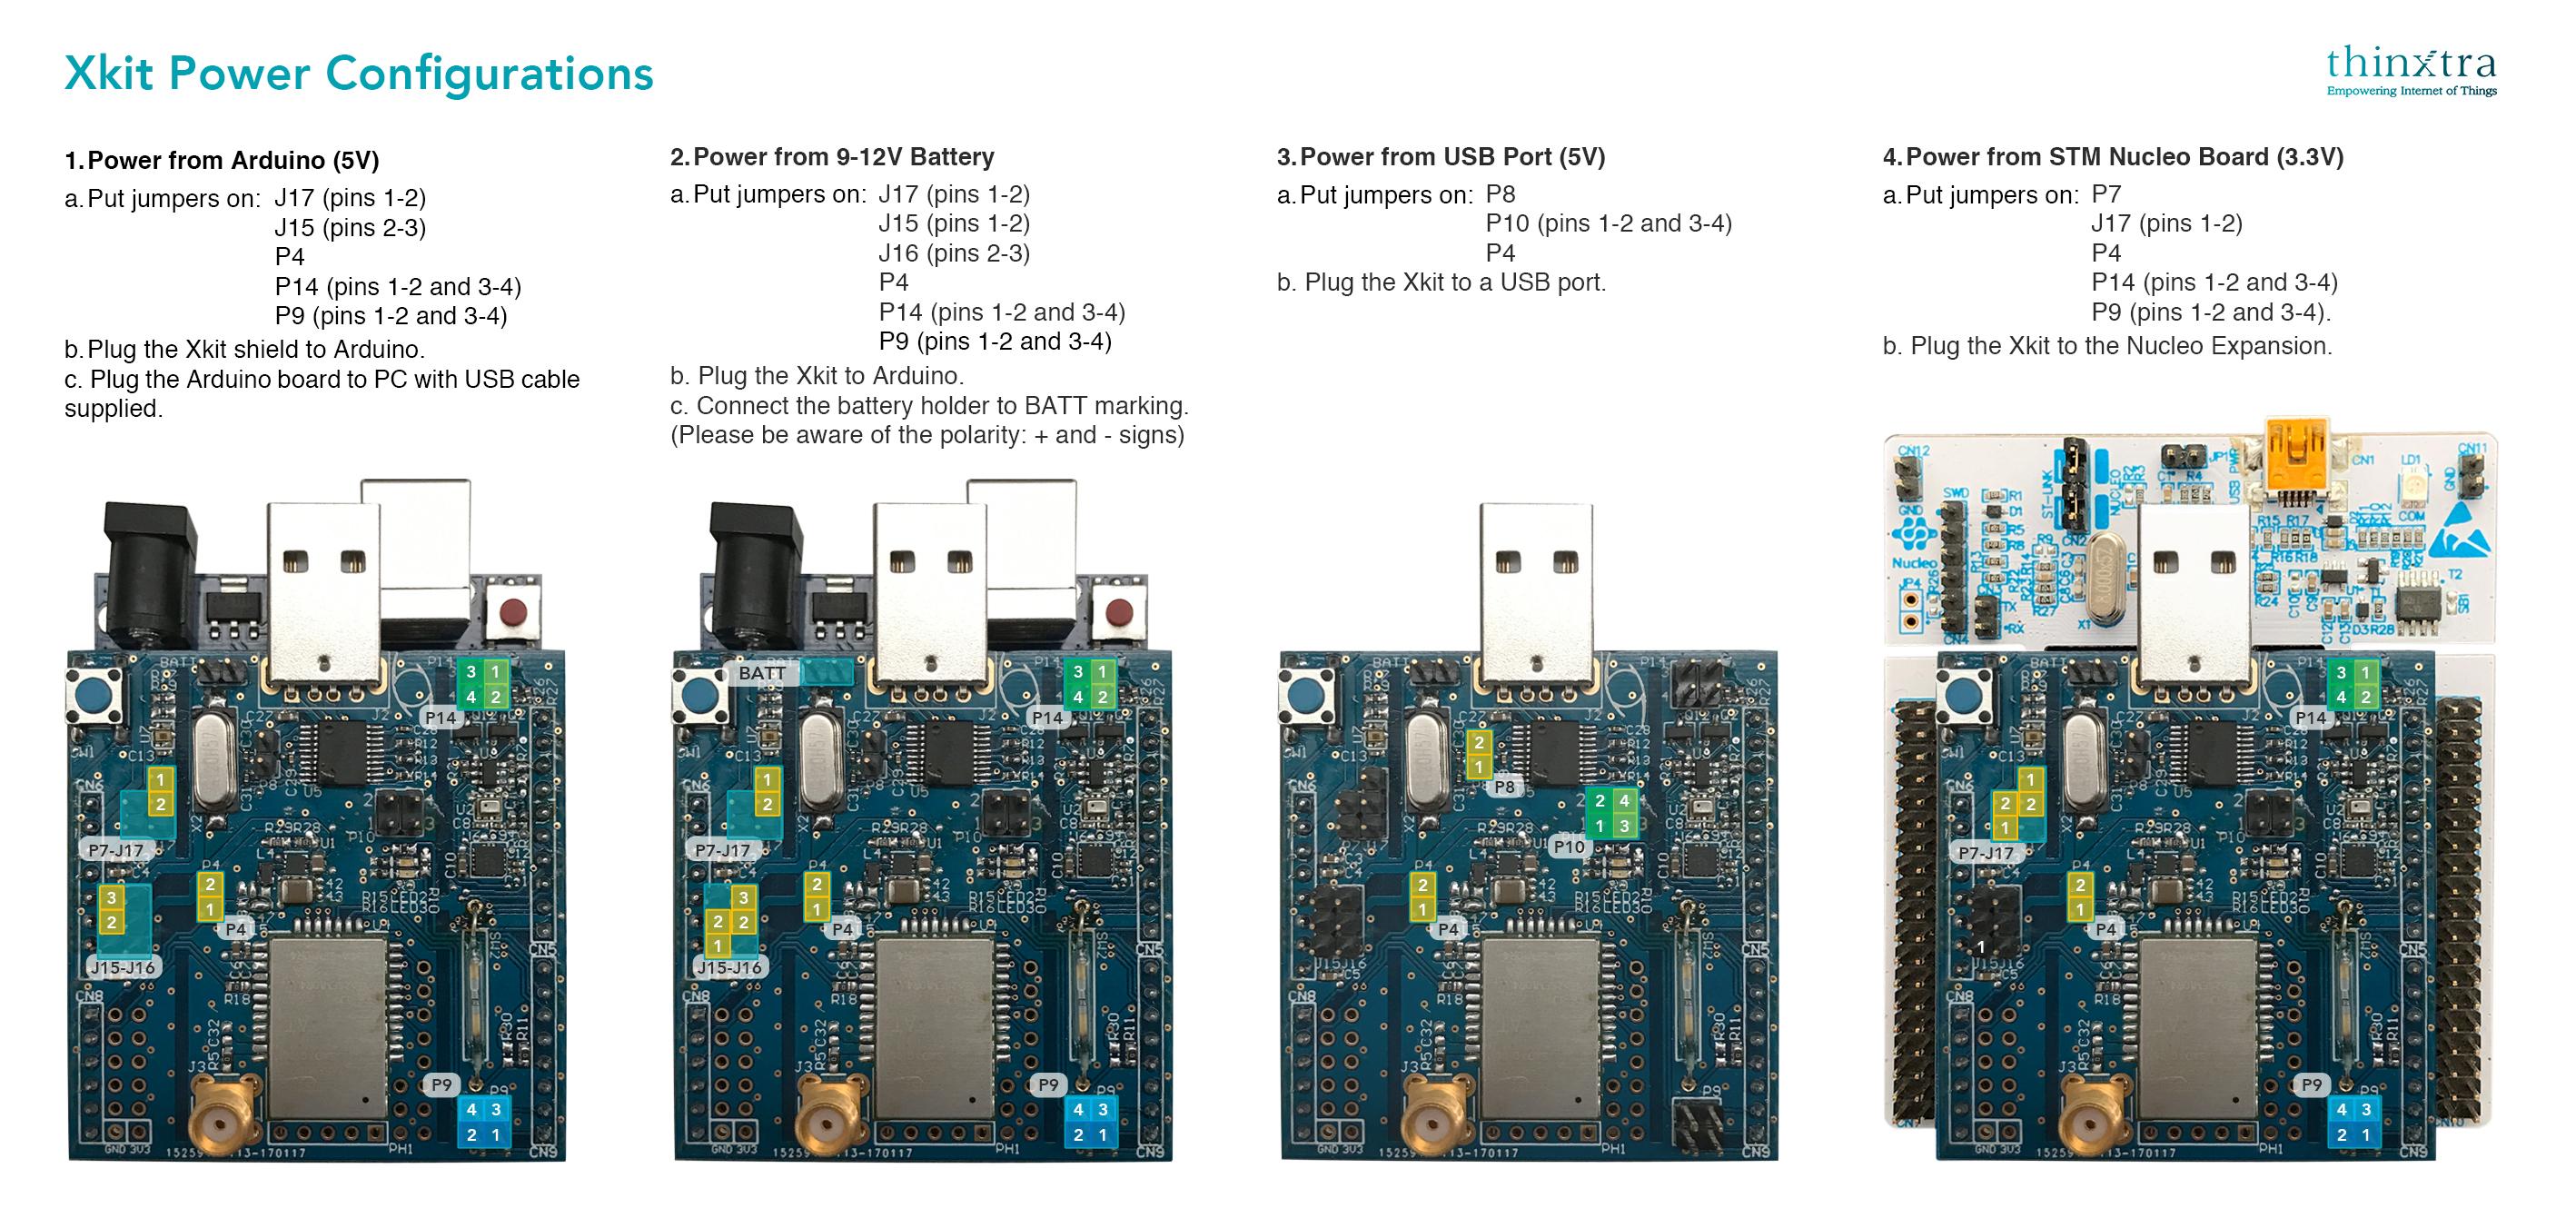 xkit-power-configurations-v6.jpg